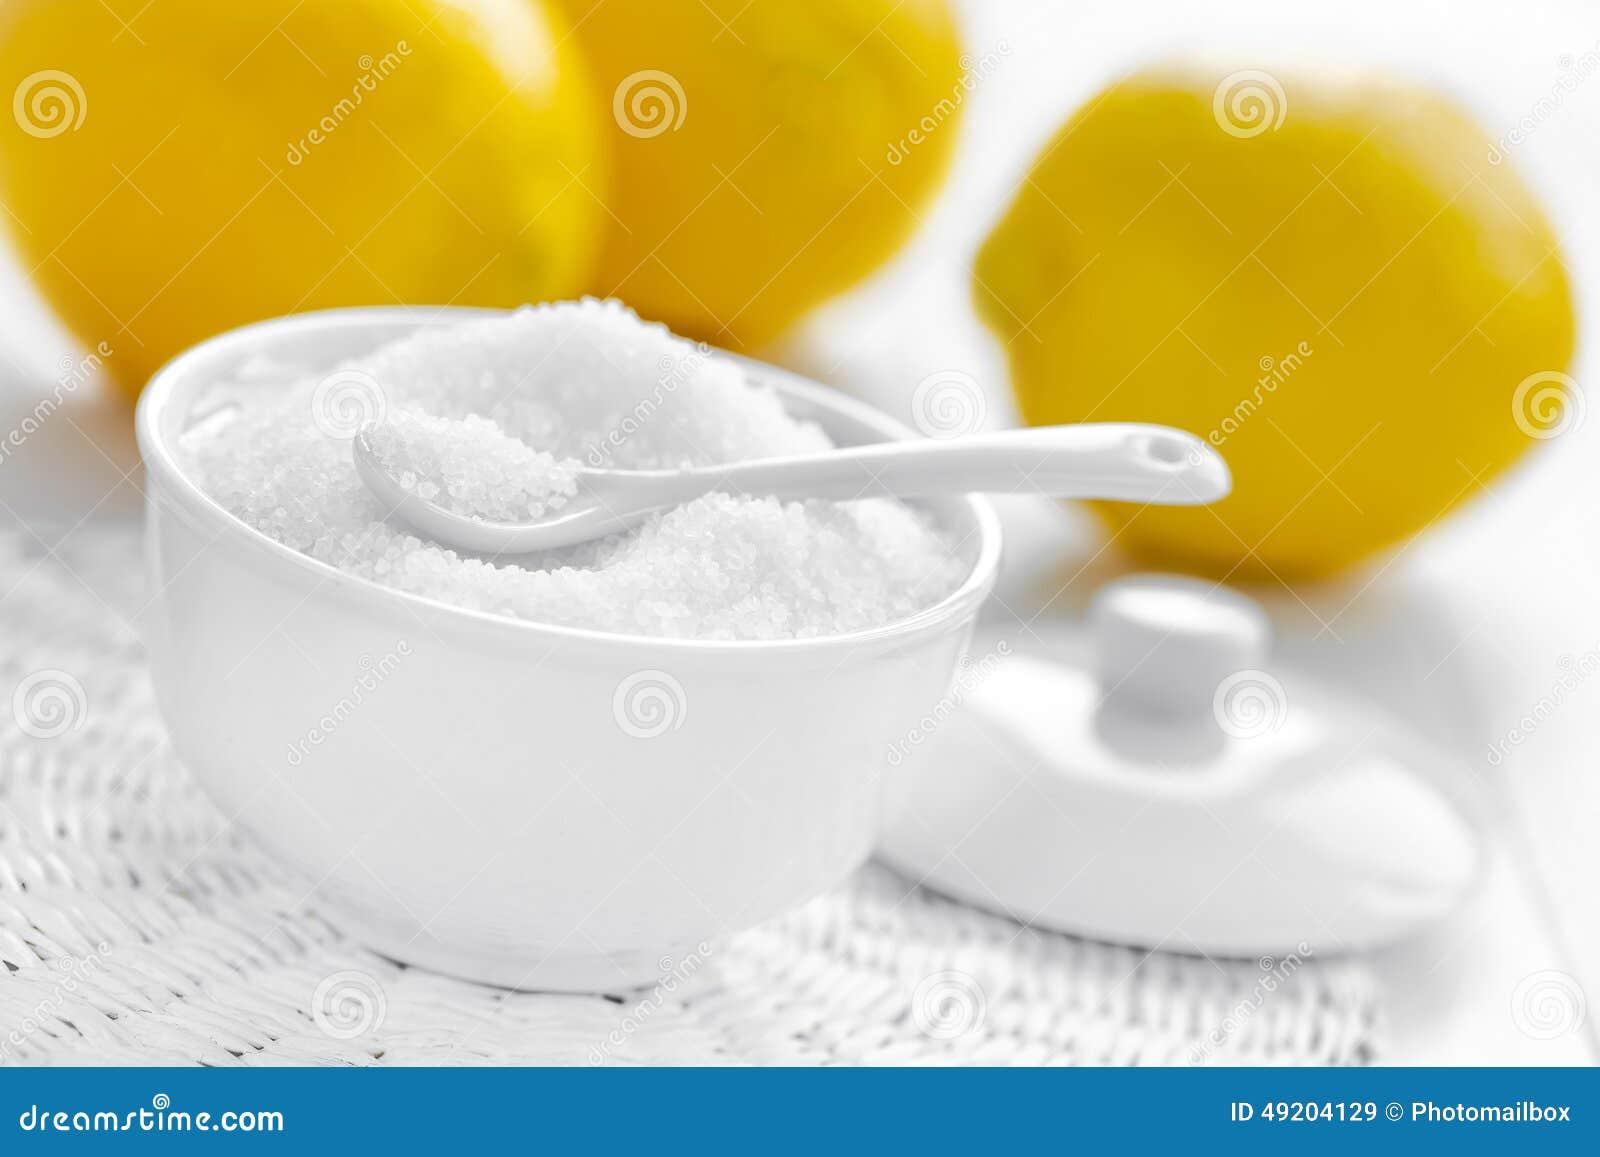 Acido citrico